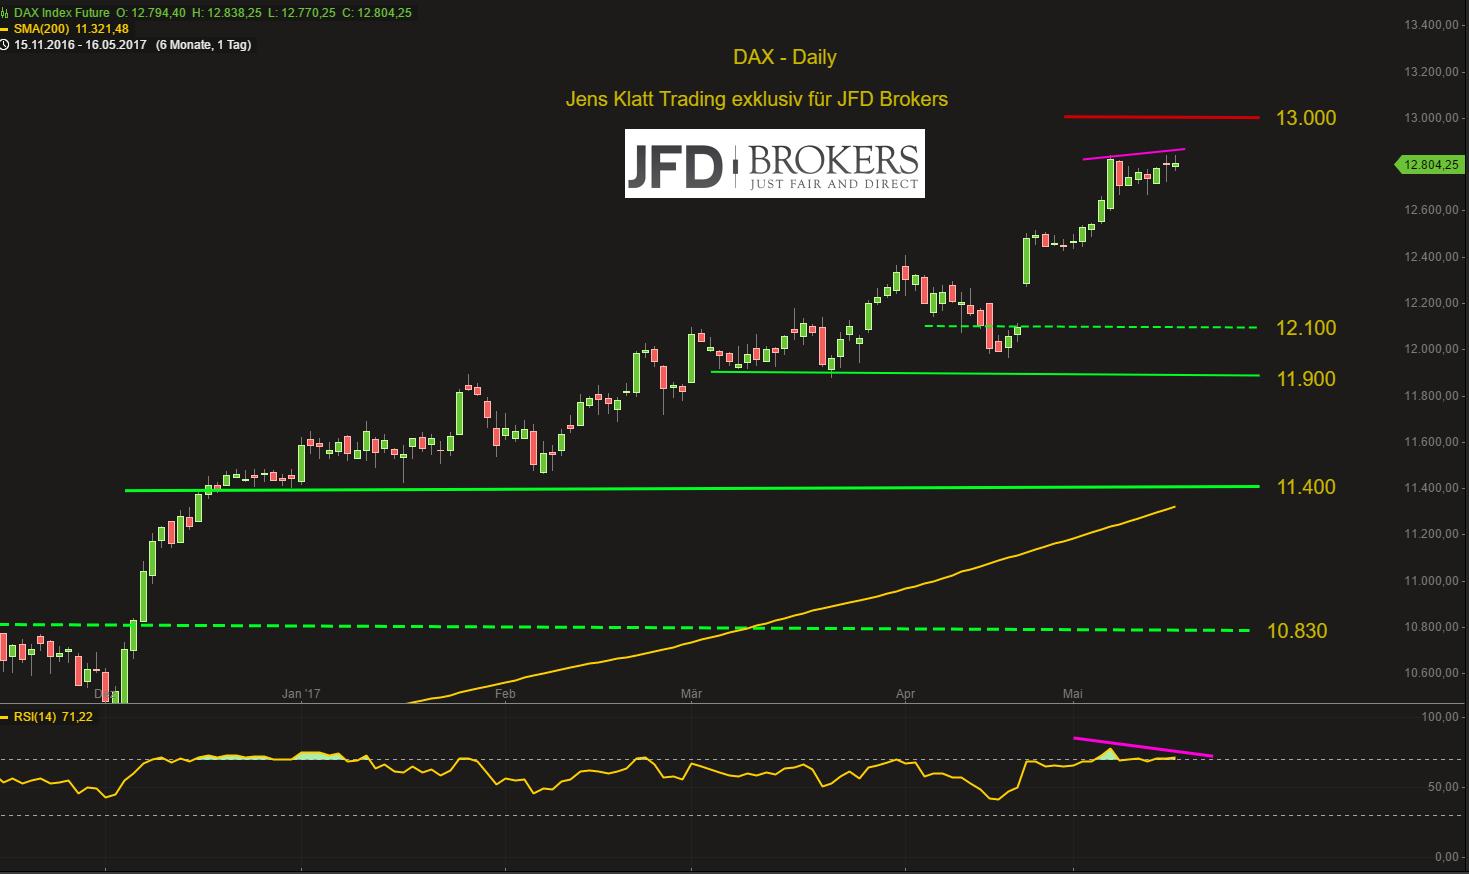 Im-DAX-nichts-Neues-Bruch-der-12-650-oder-Attacke-auf-die-13-000-Kommentar-JFD-Brokers-GodmodeTrader.de-2